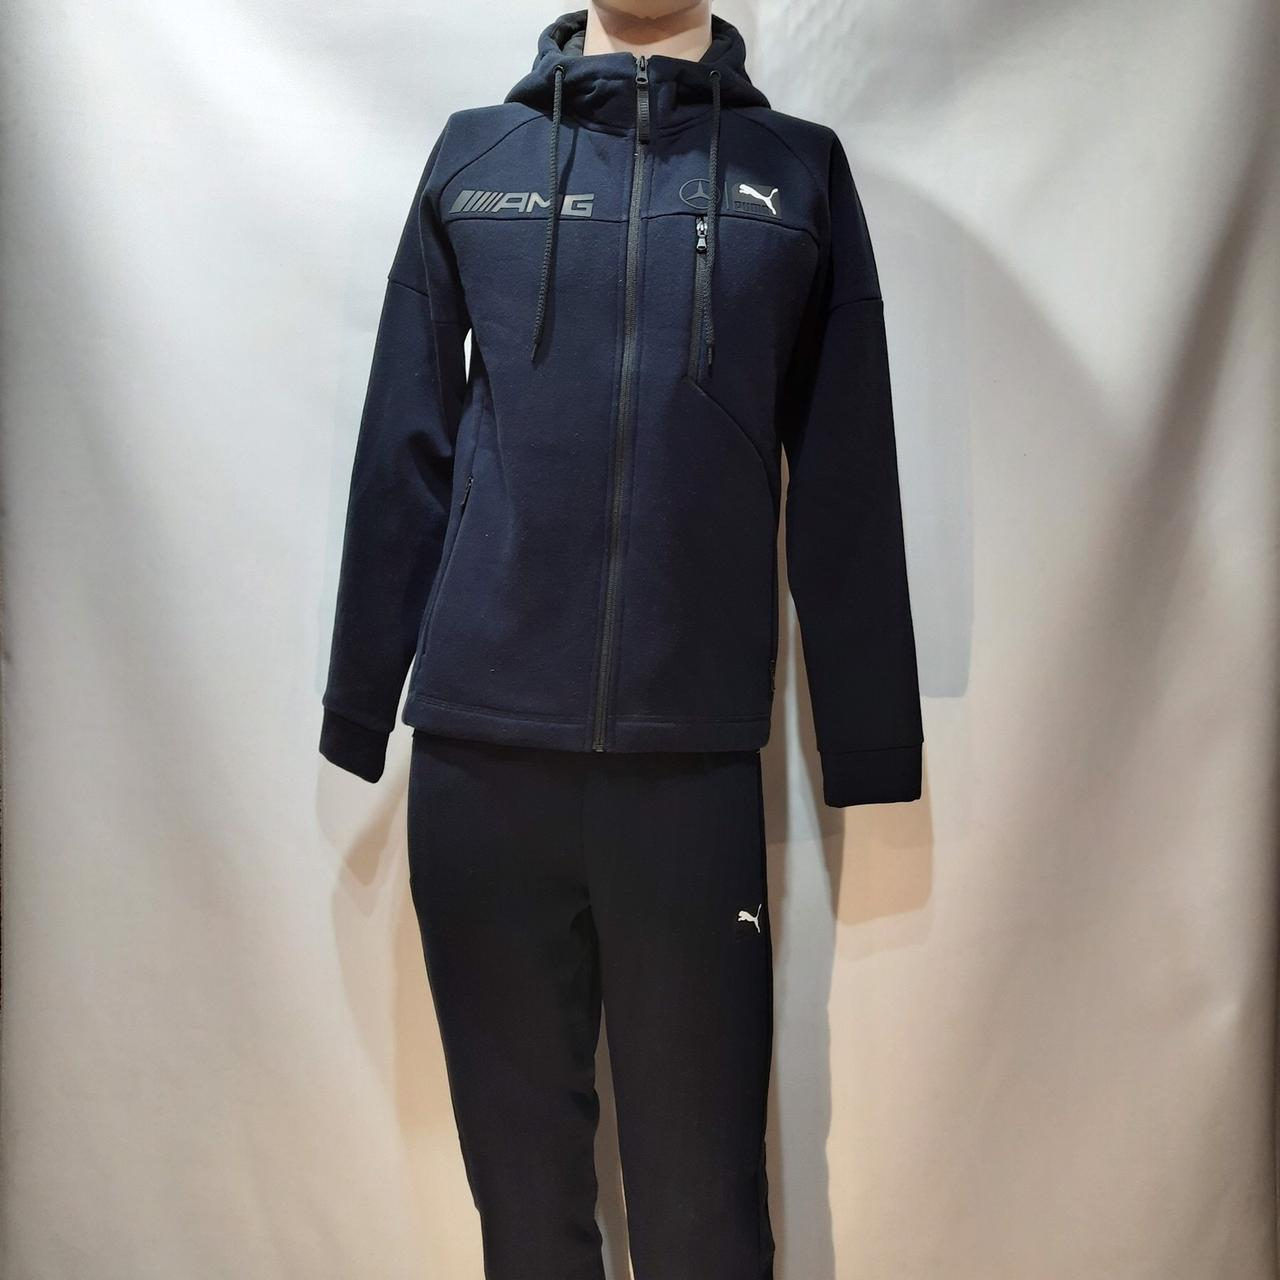 Теплый спортивный костюм молодежный р. м чёрный